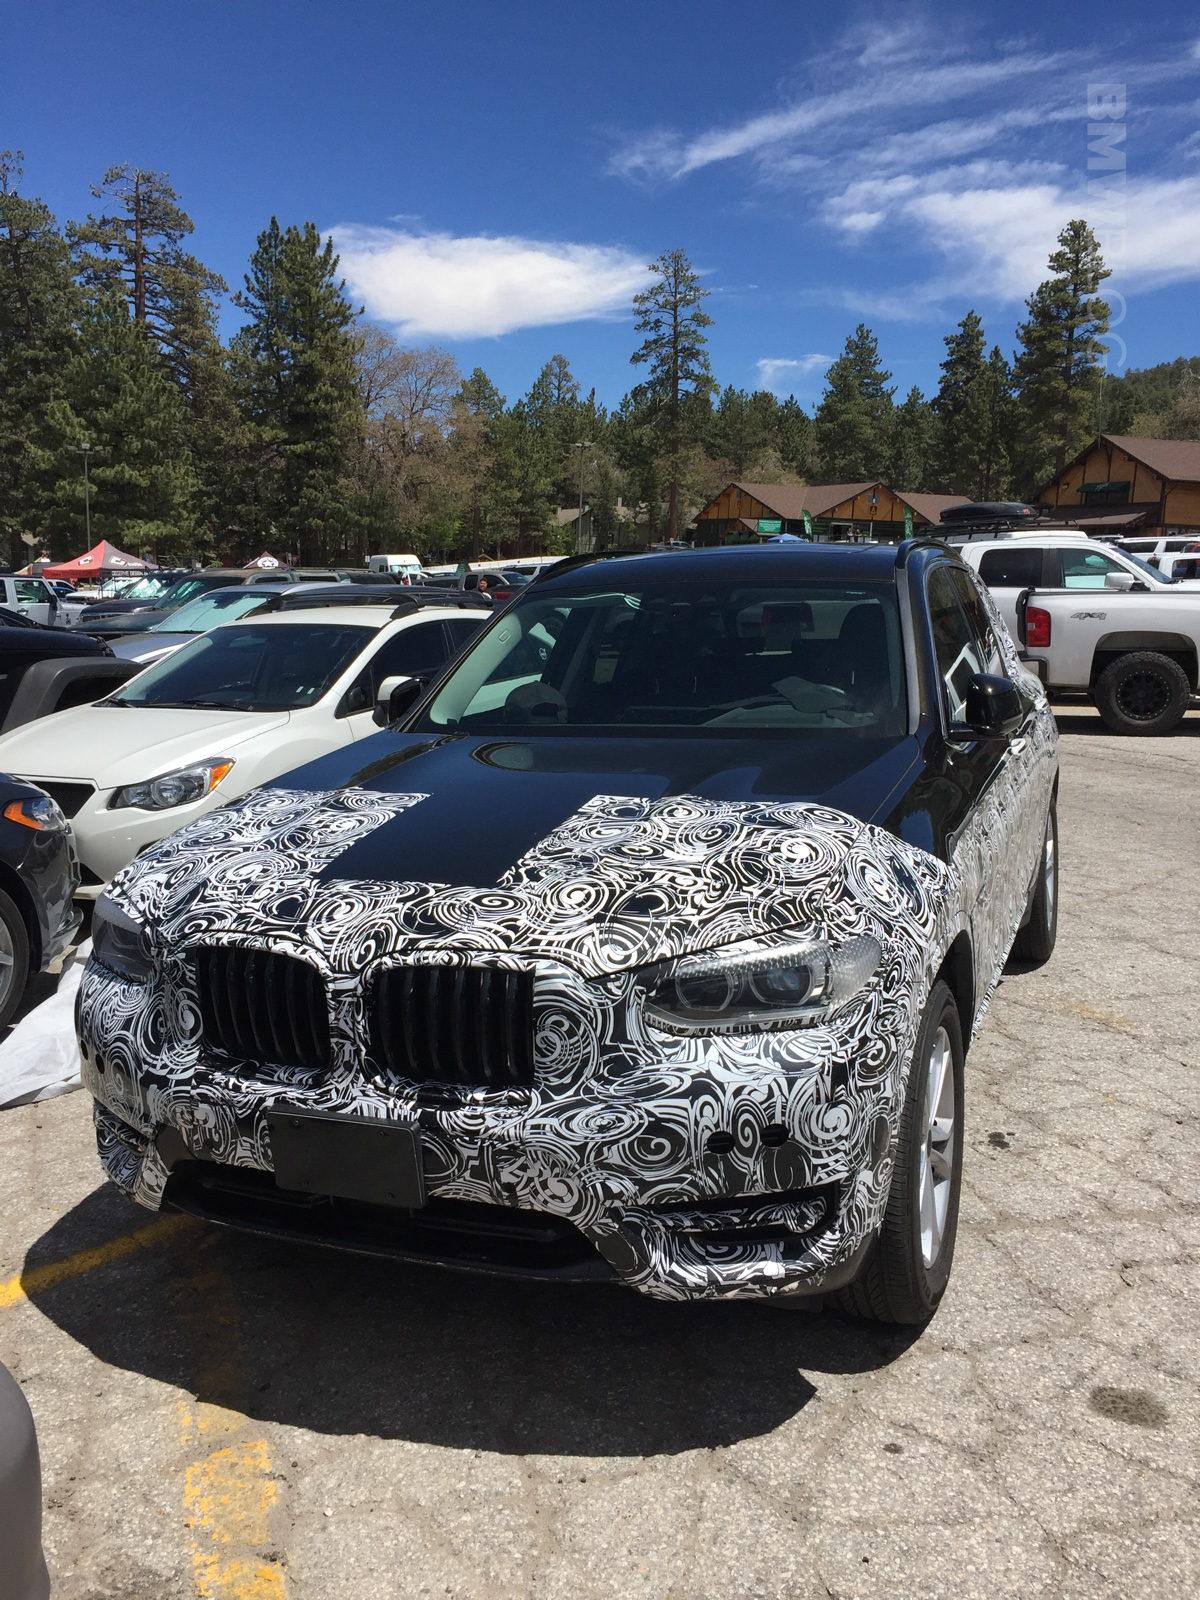 2018 BMW X3 spied 02 e1497280834172